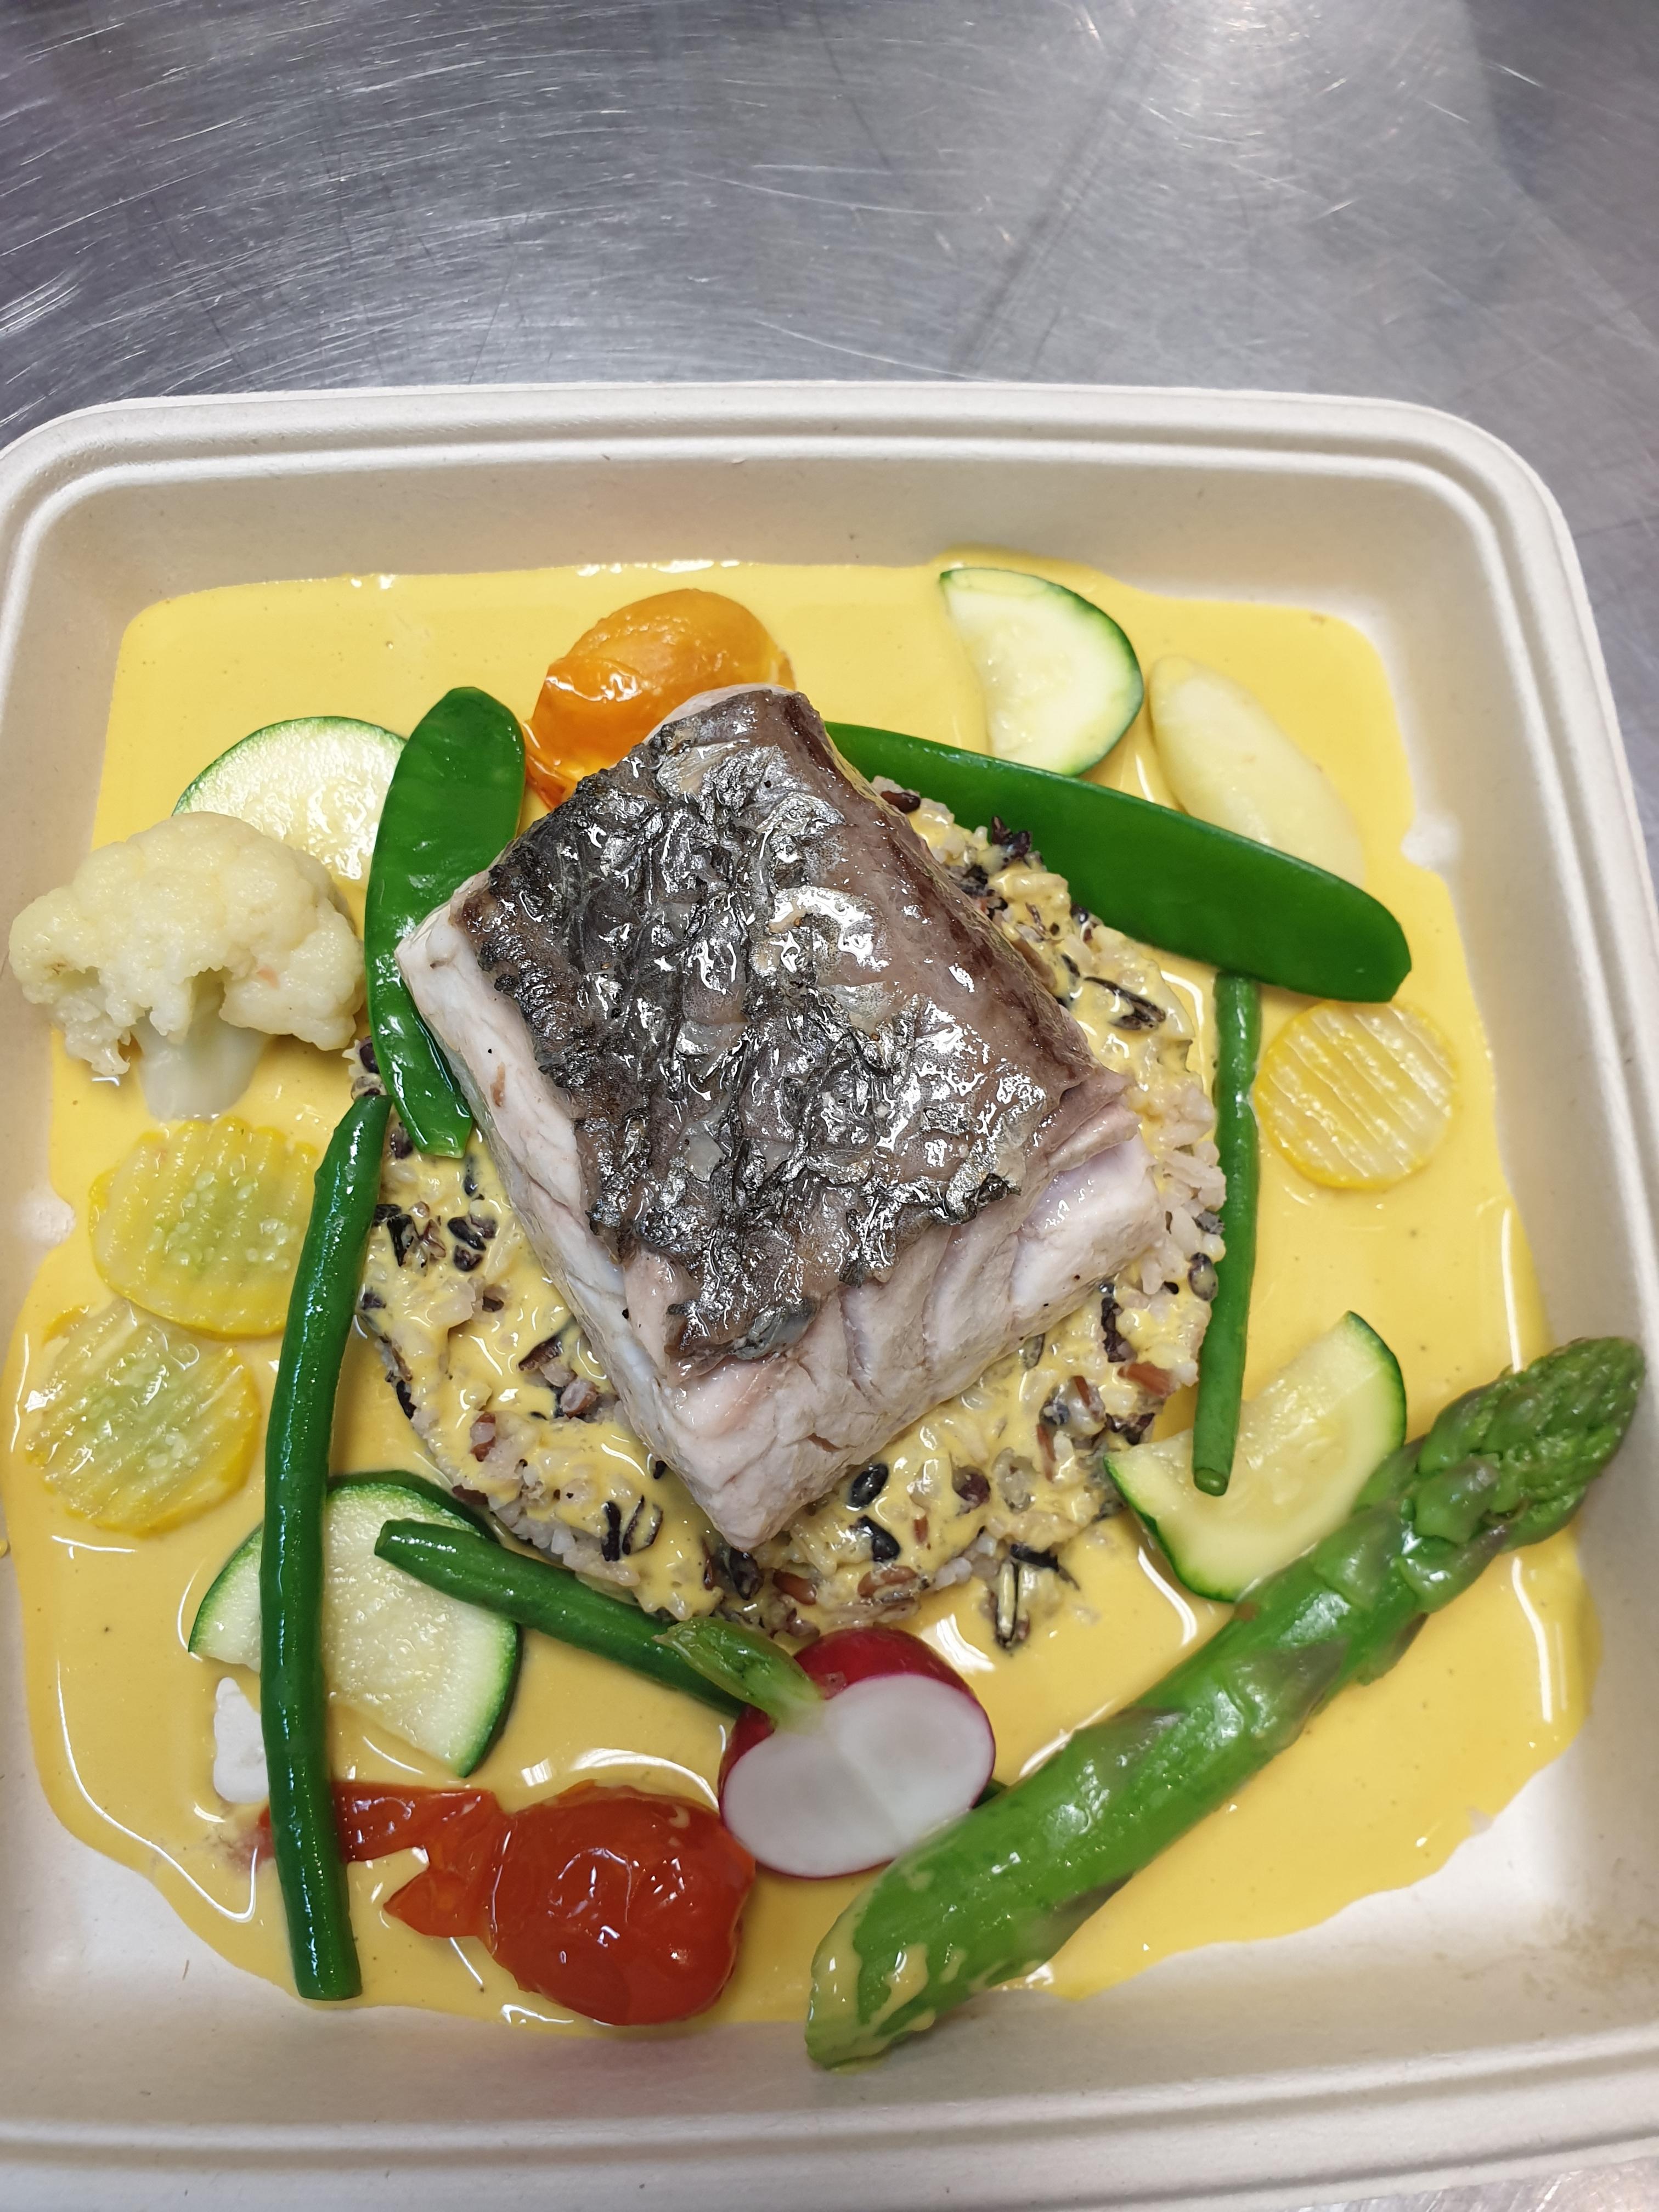 Notre poisson frais du jour suivant la saisonnalité sauce  bourride à la manière d'une soupe